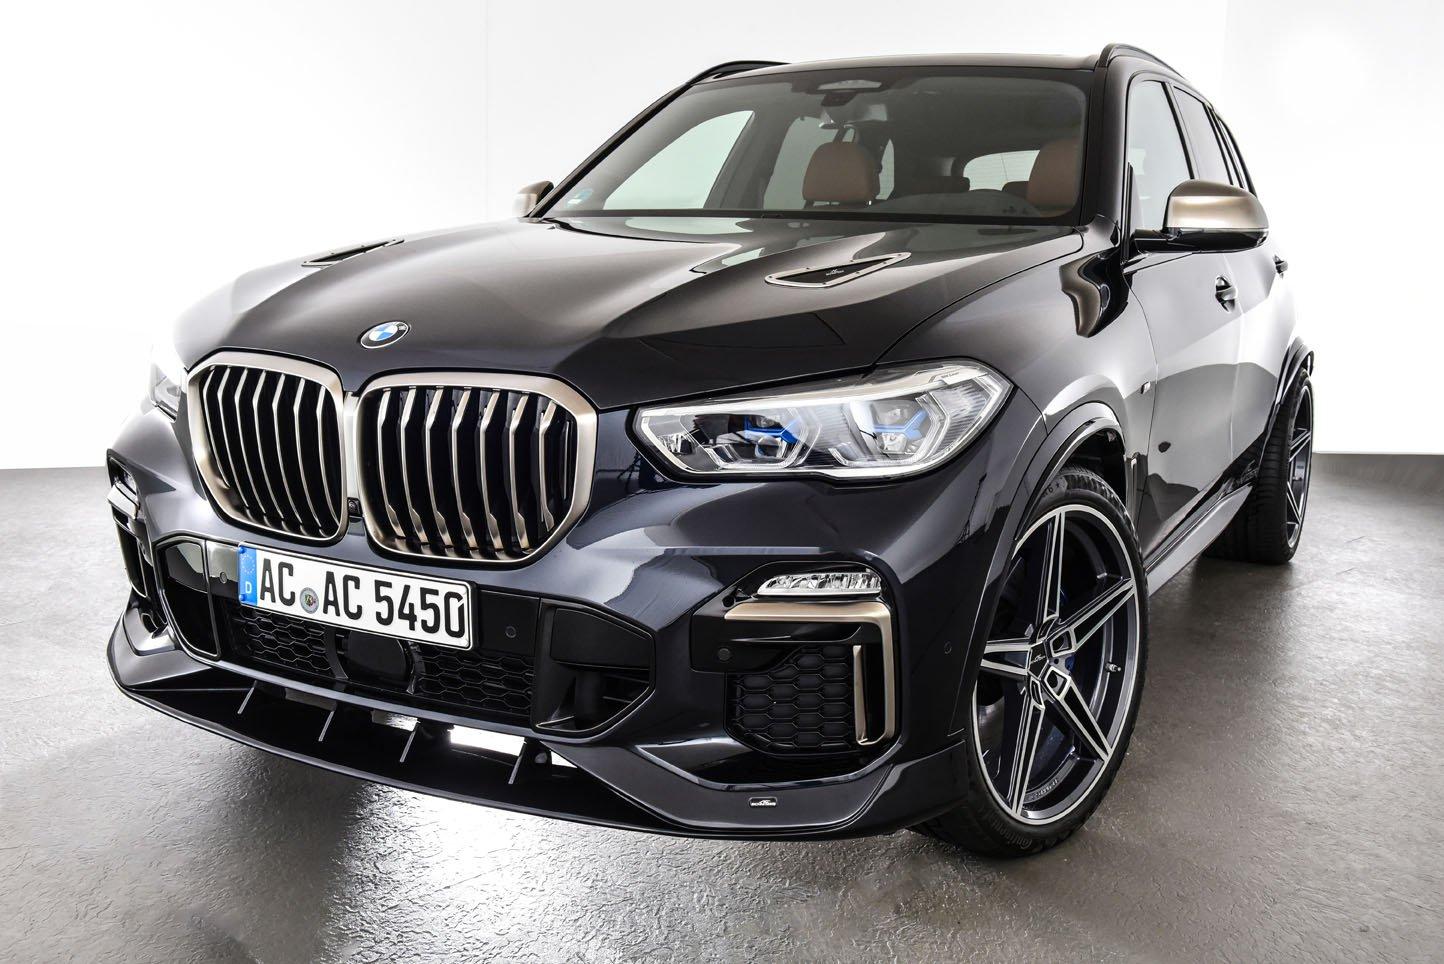 BMW-X5-by-AC-Schnitzer-2019-18